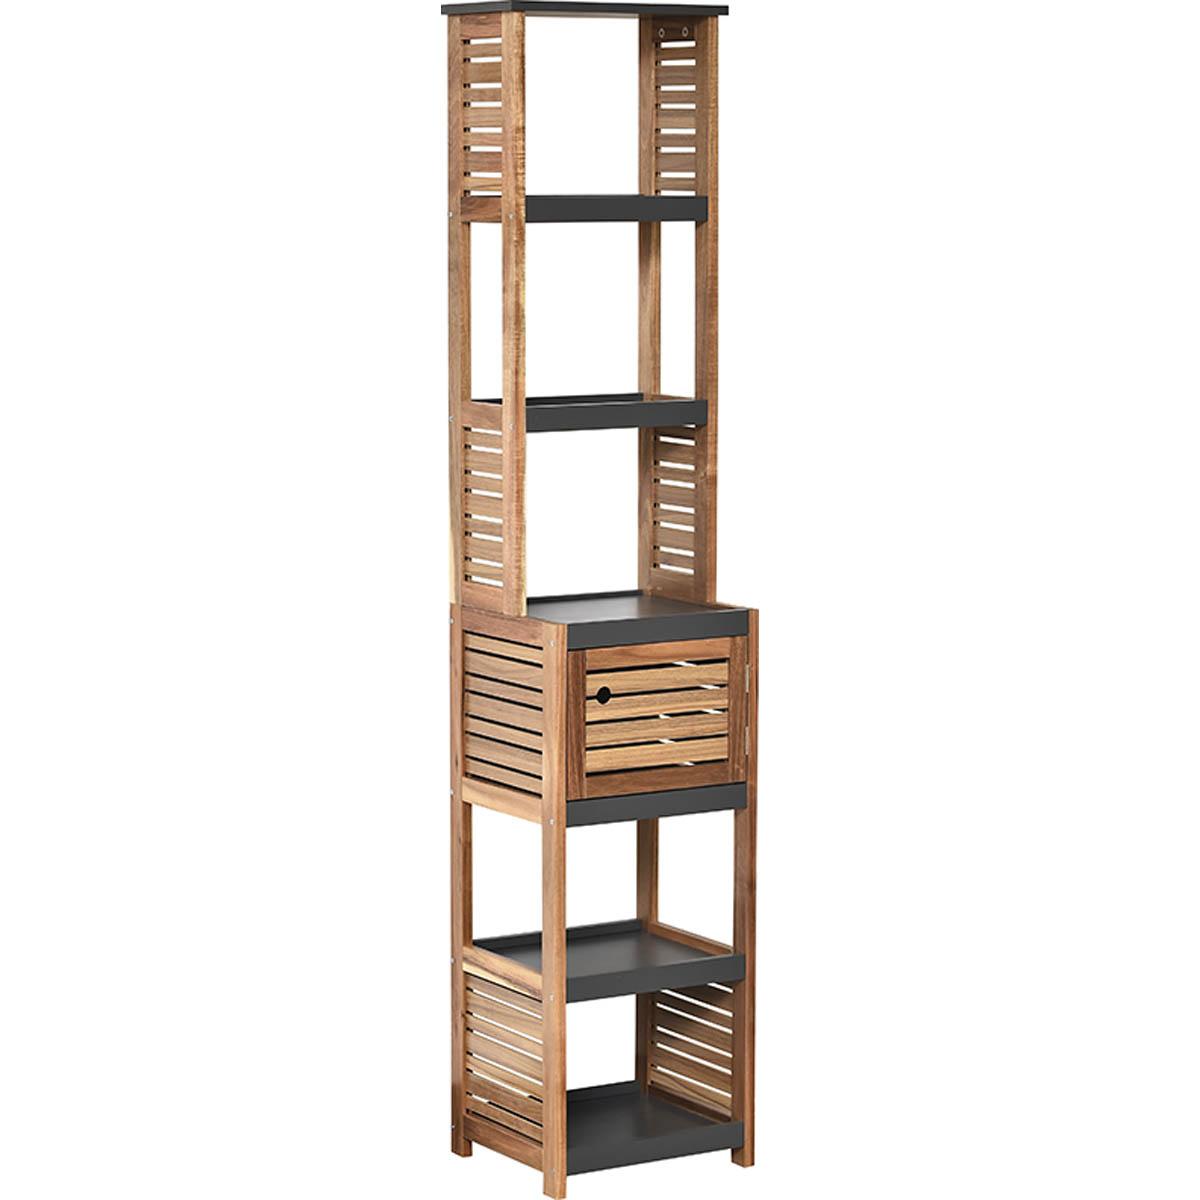 Freestanding Bath Linen Tower Cabinet Elements 1 Door 5 Shelves Wood Grey Acacia